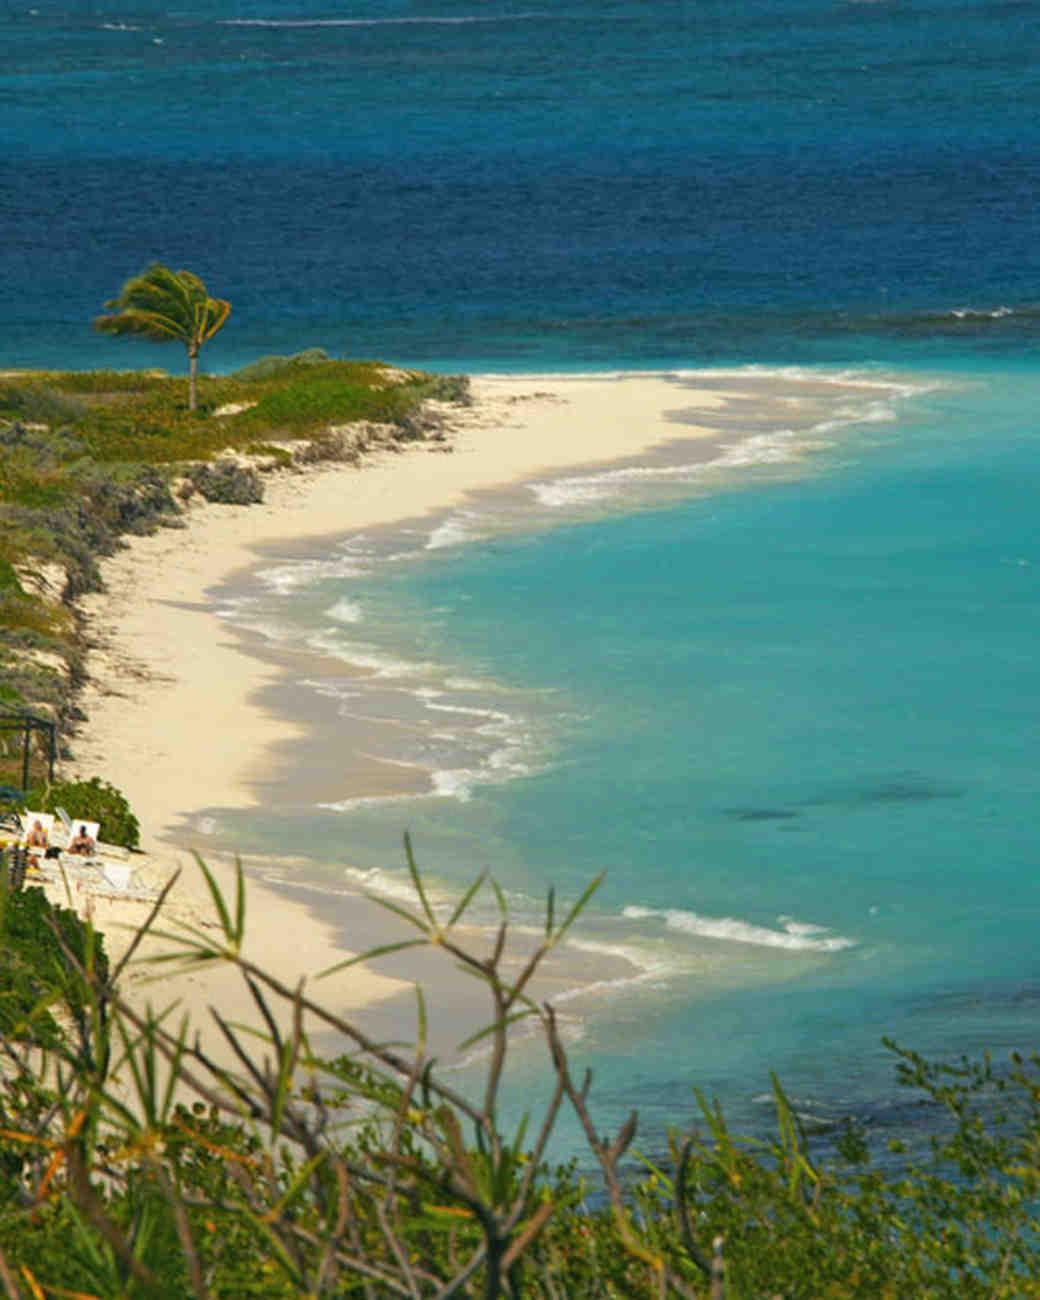 mwd_0111_beach_shoal-bay.jpg